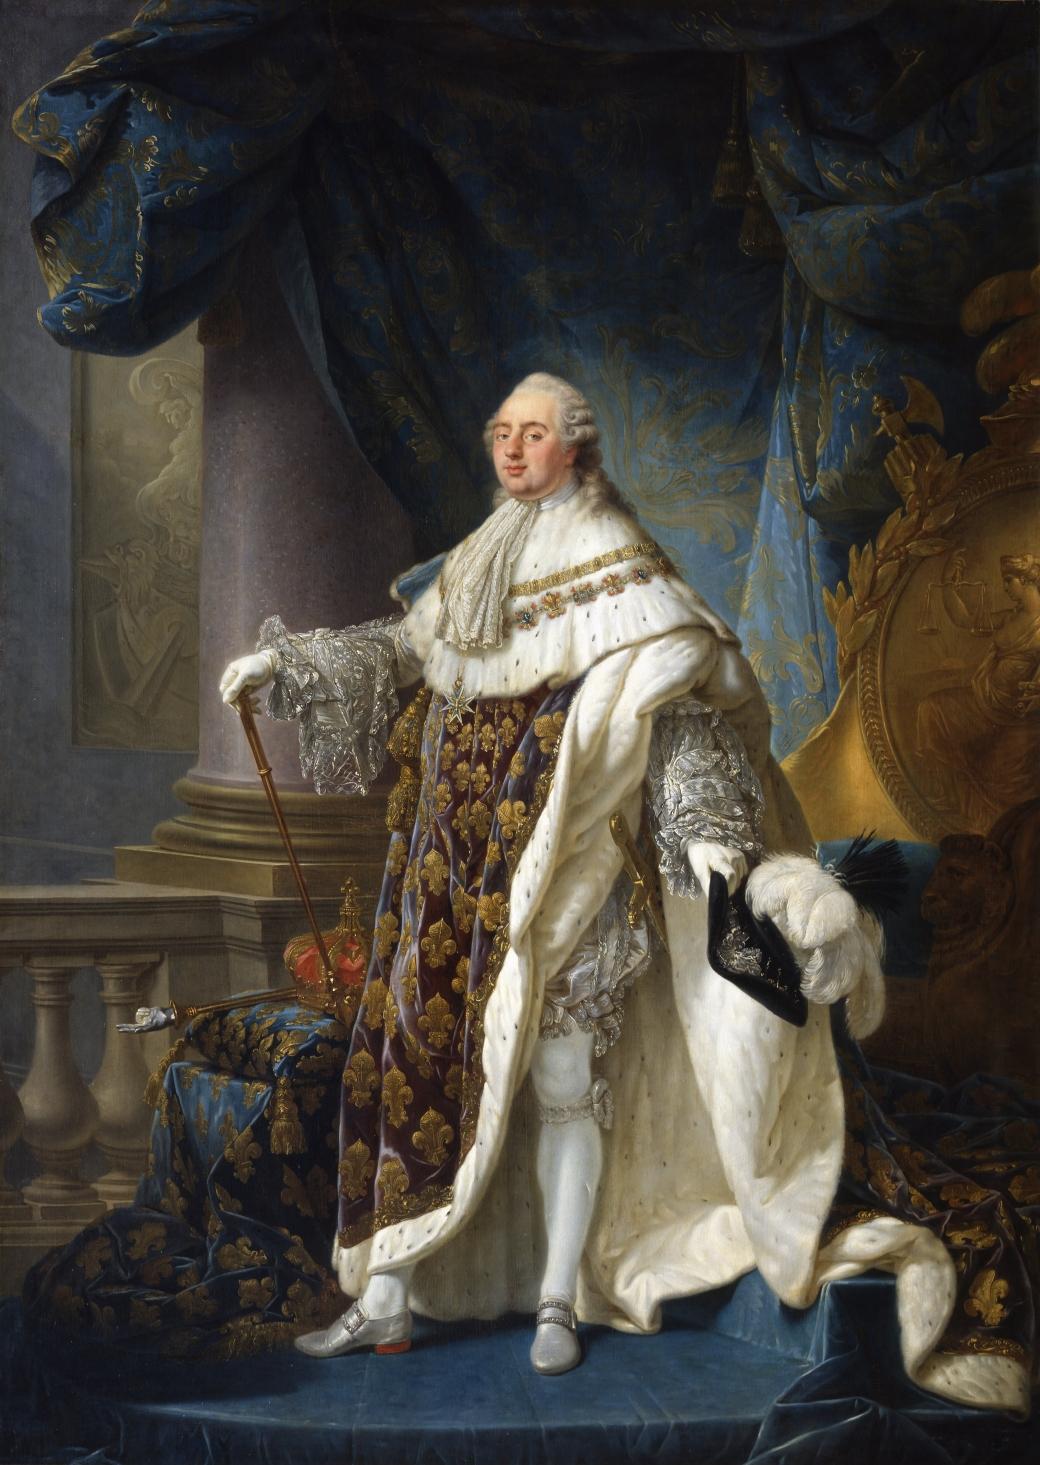 antoine-francois_callet_-_louis_xvi_roi_de_france_et_de_navarre_1754-1793_revetu_du_grand_costume_royal_en_1779_-_google_art_project